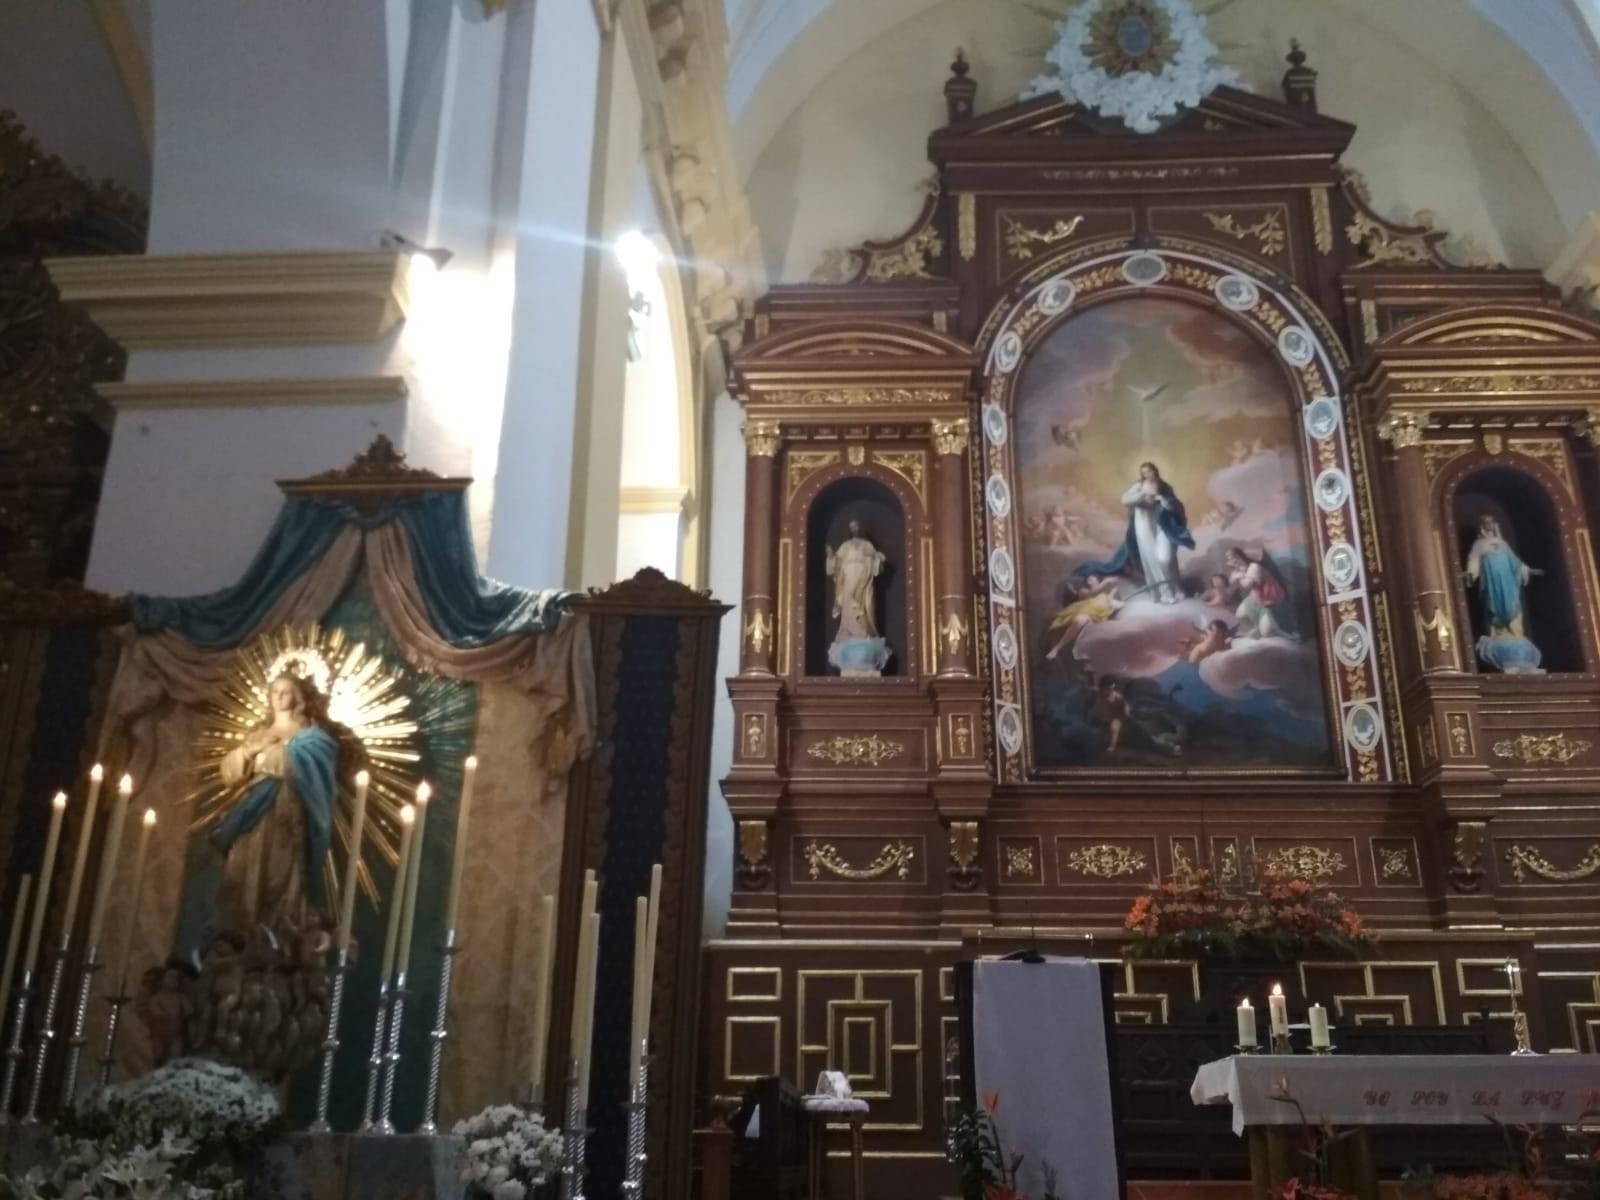 Inmaculada Concepci%C3%B3n de Herencia - Actos de las fiestas patronales 2018 en honor a la Inmaculada Concepción